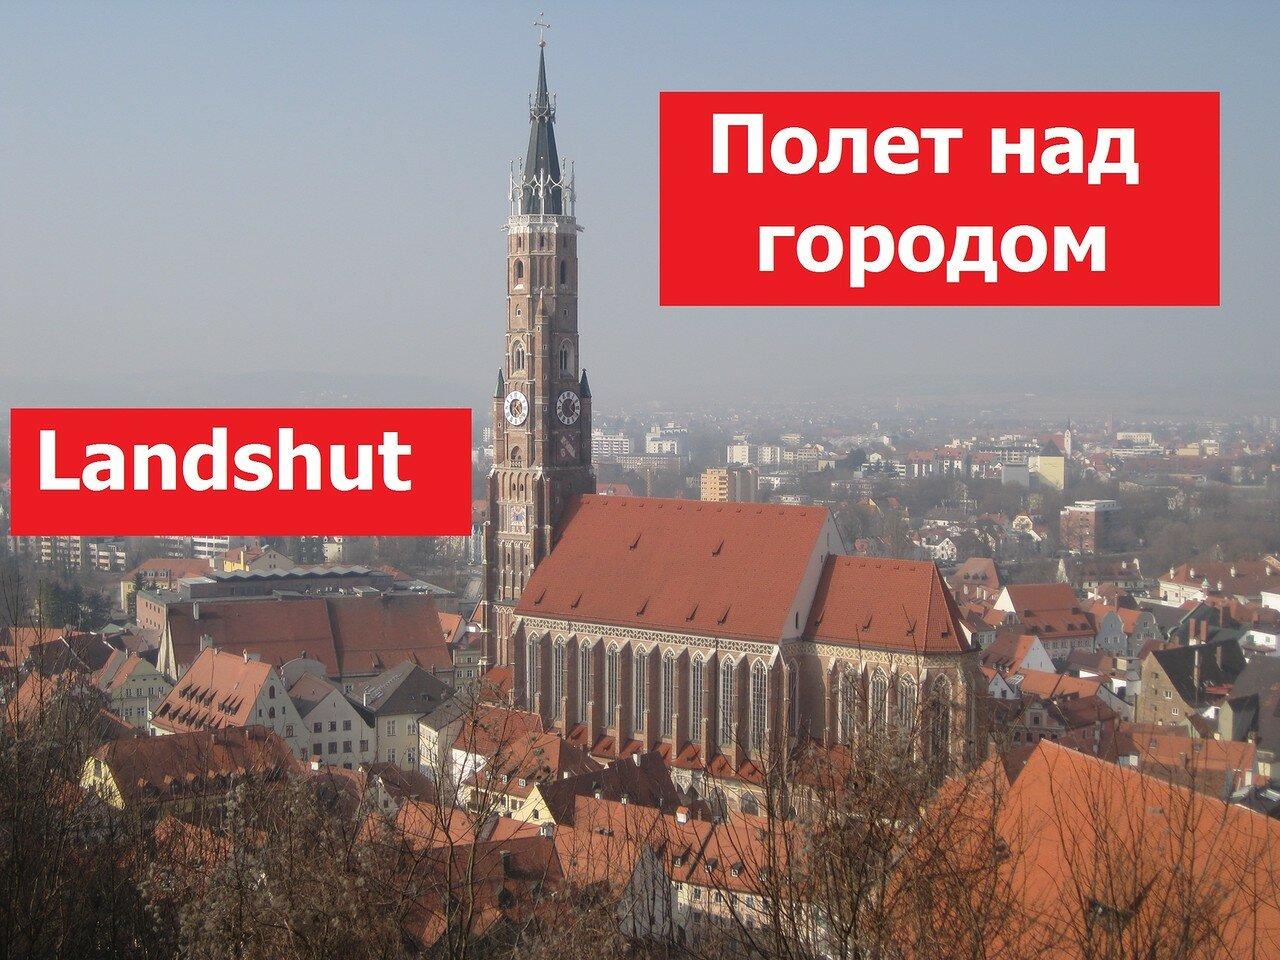 Видео Ландсхута (Landshut). Полет над городом